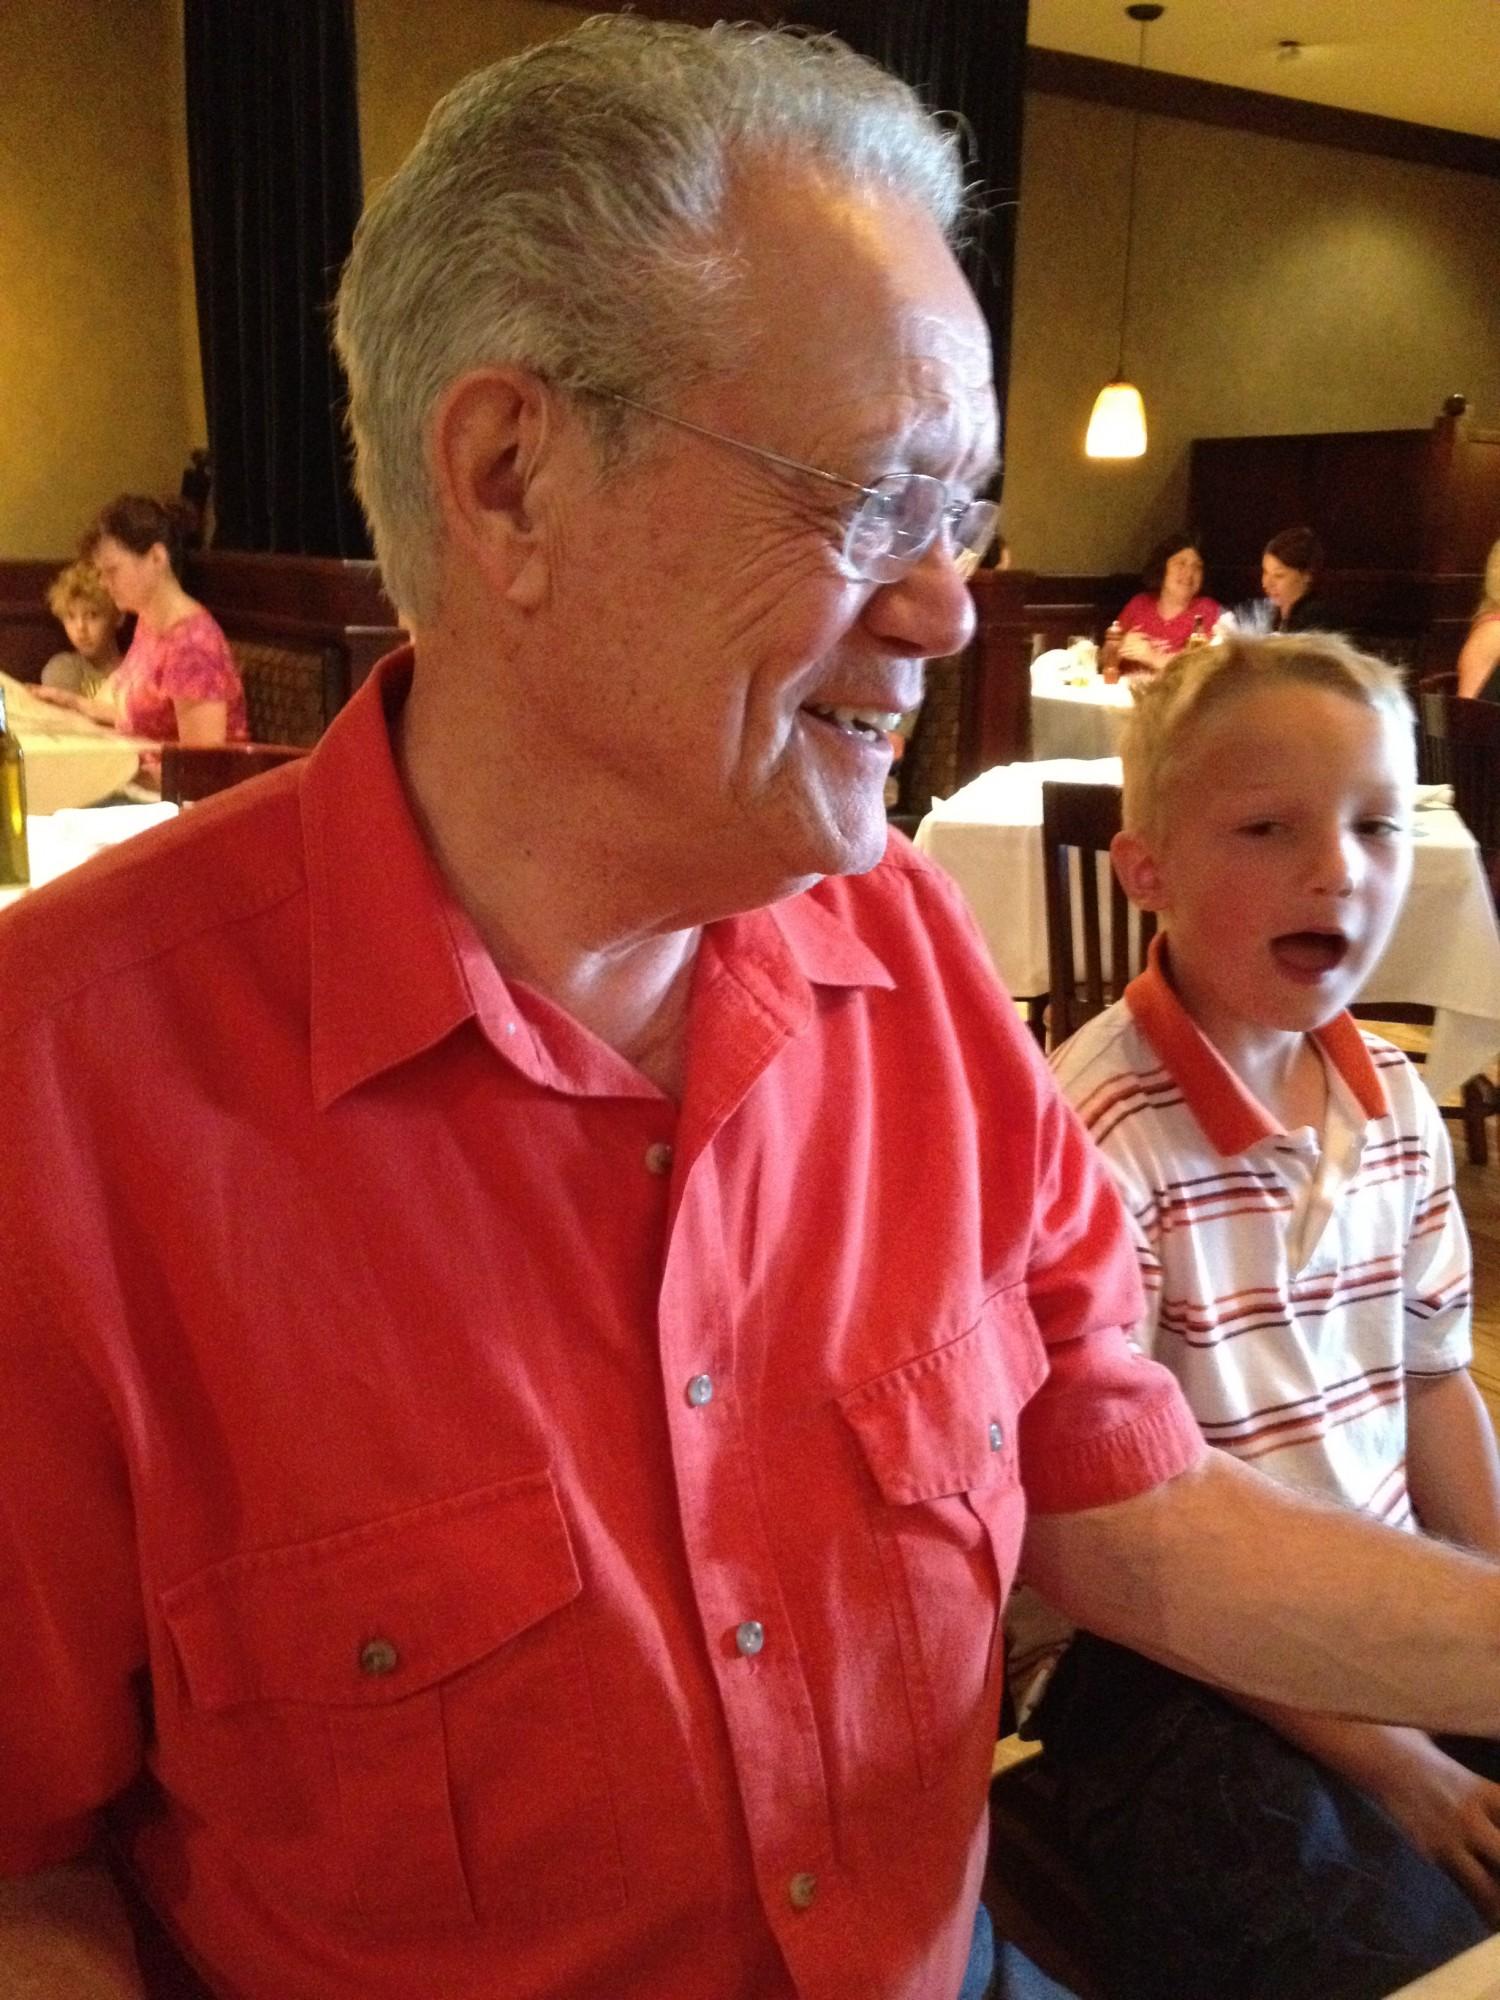 Grandpa is 70 6ftmama.com